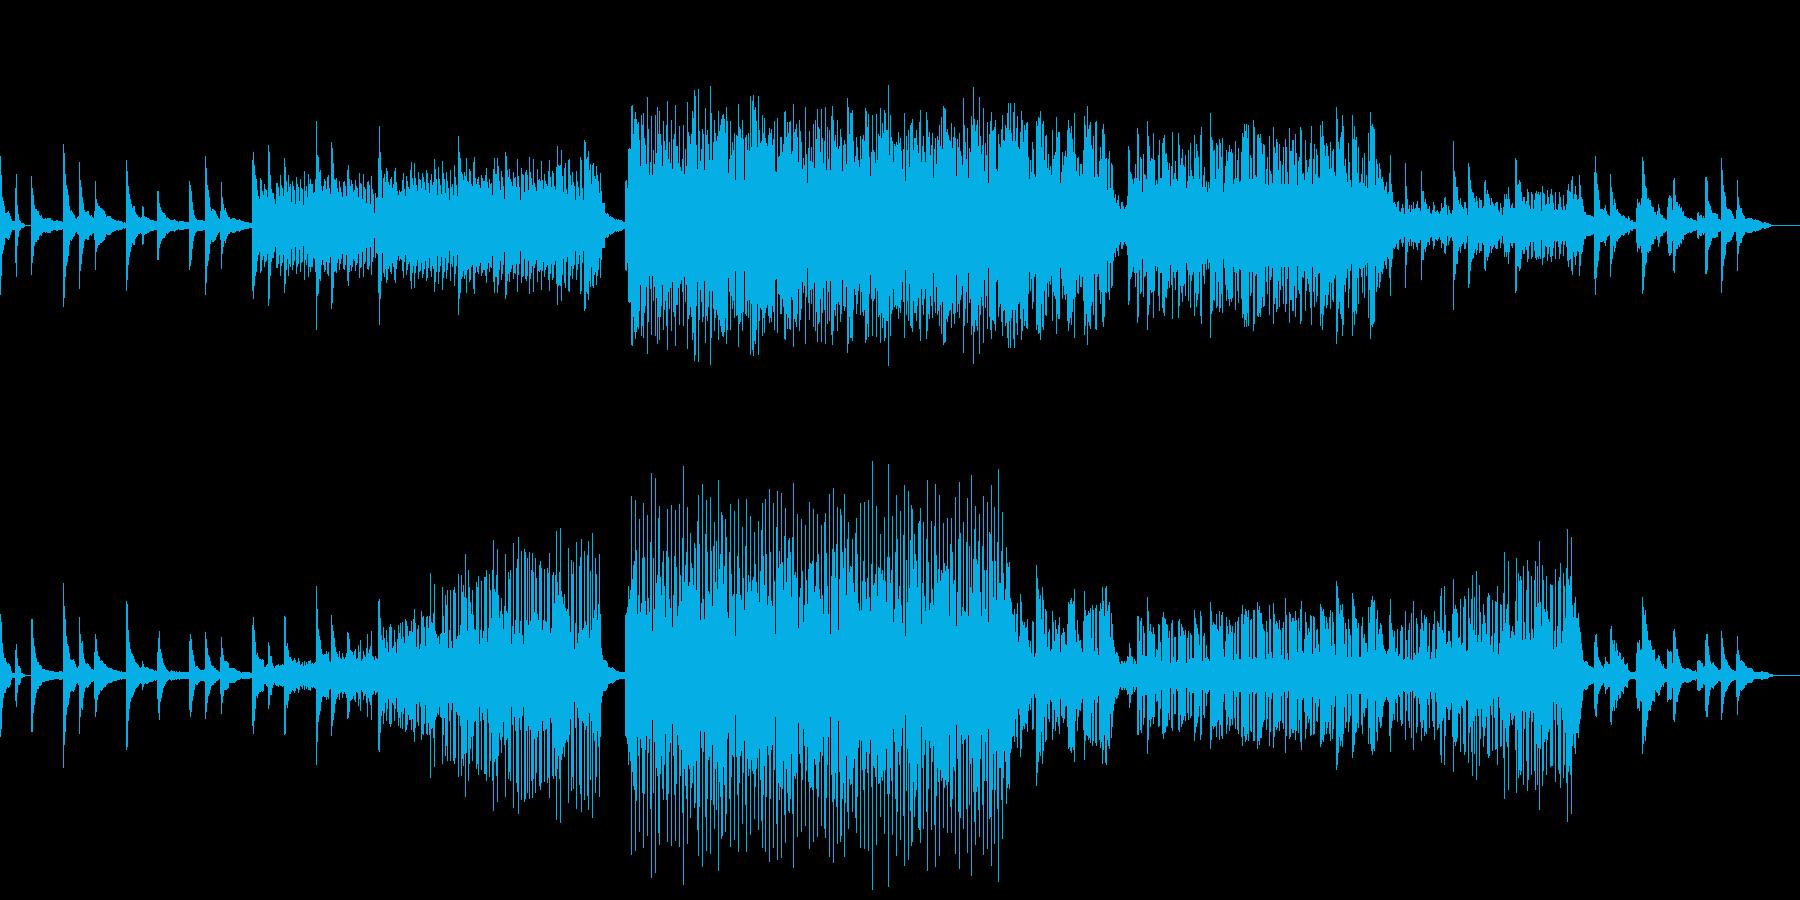 動画 サスペンス 説明的 静か ク...の再生済みの波形